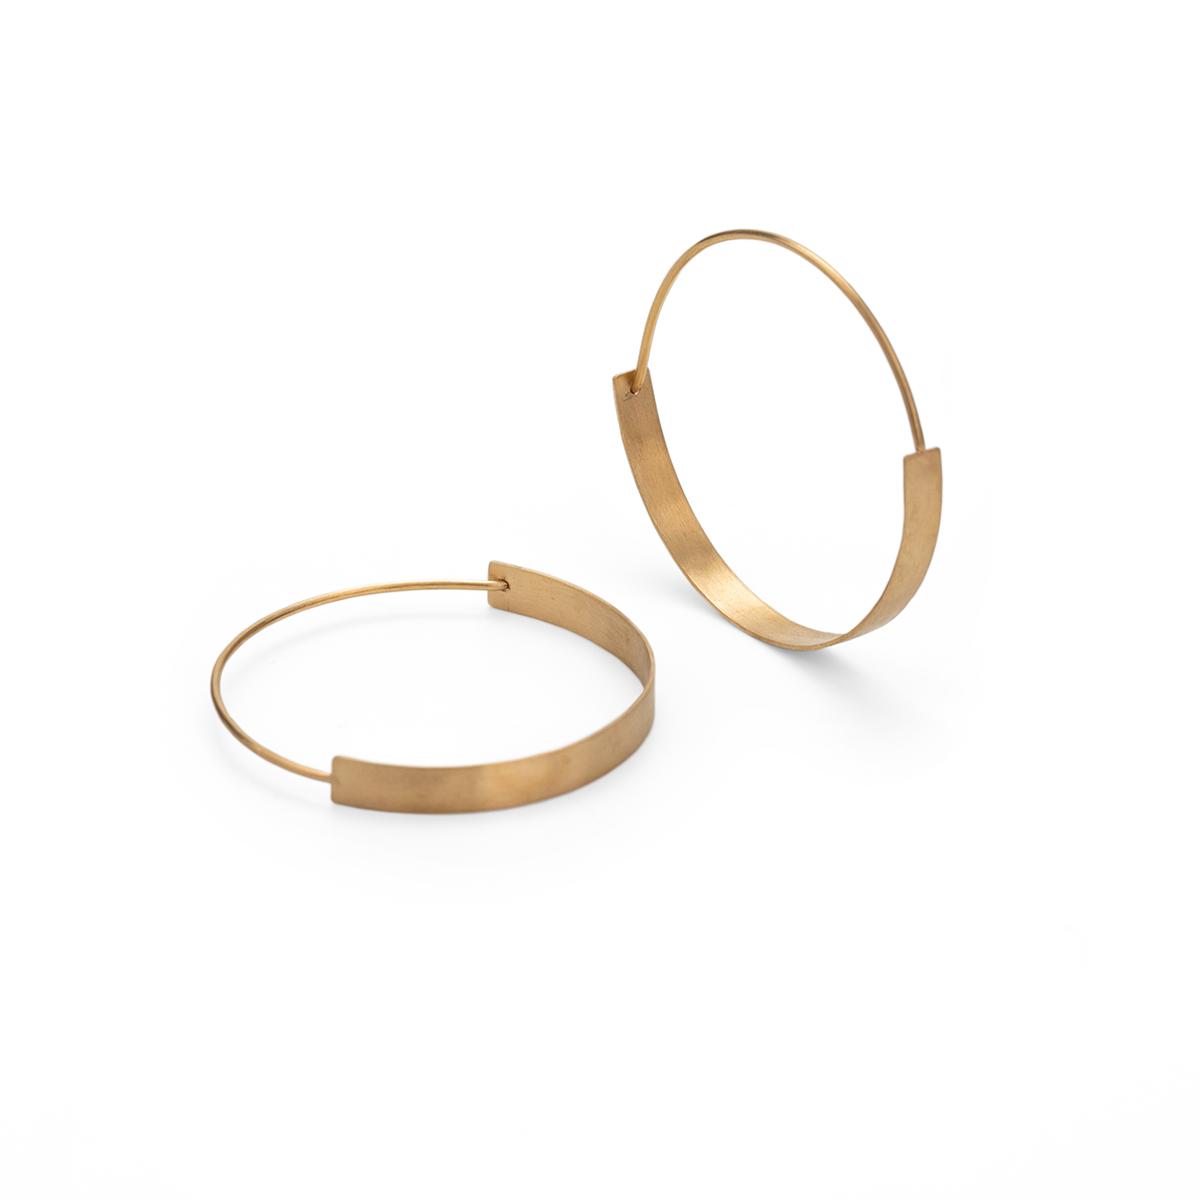 Ohrringe HoopHoop, Silber vergoldet